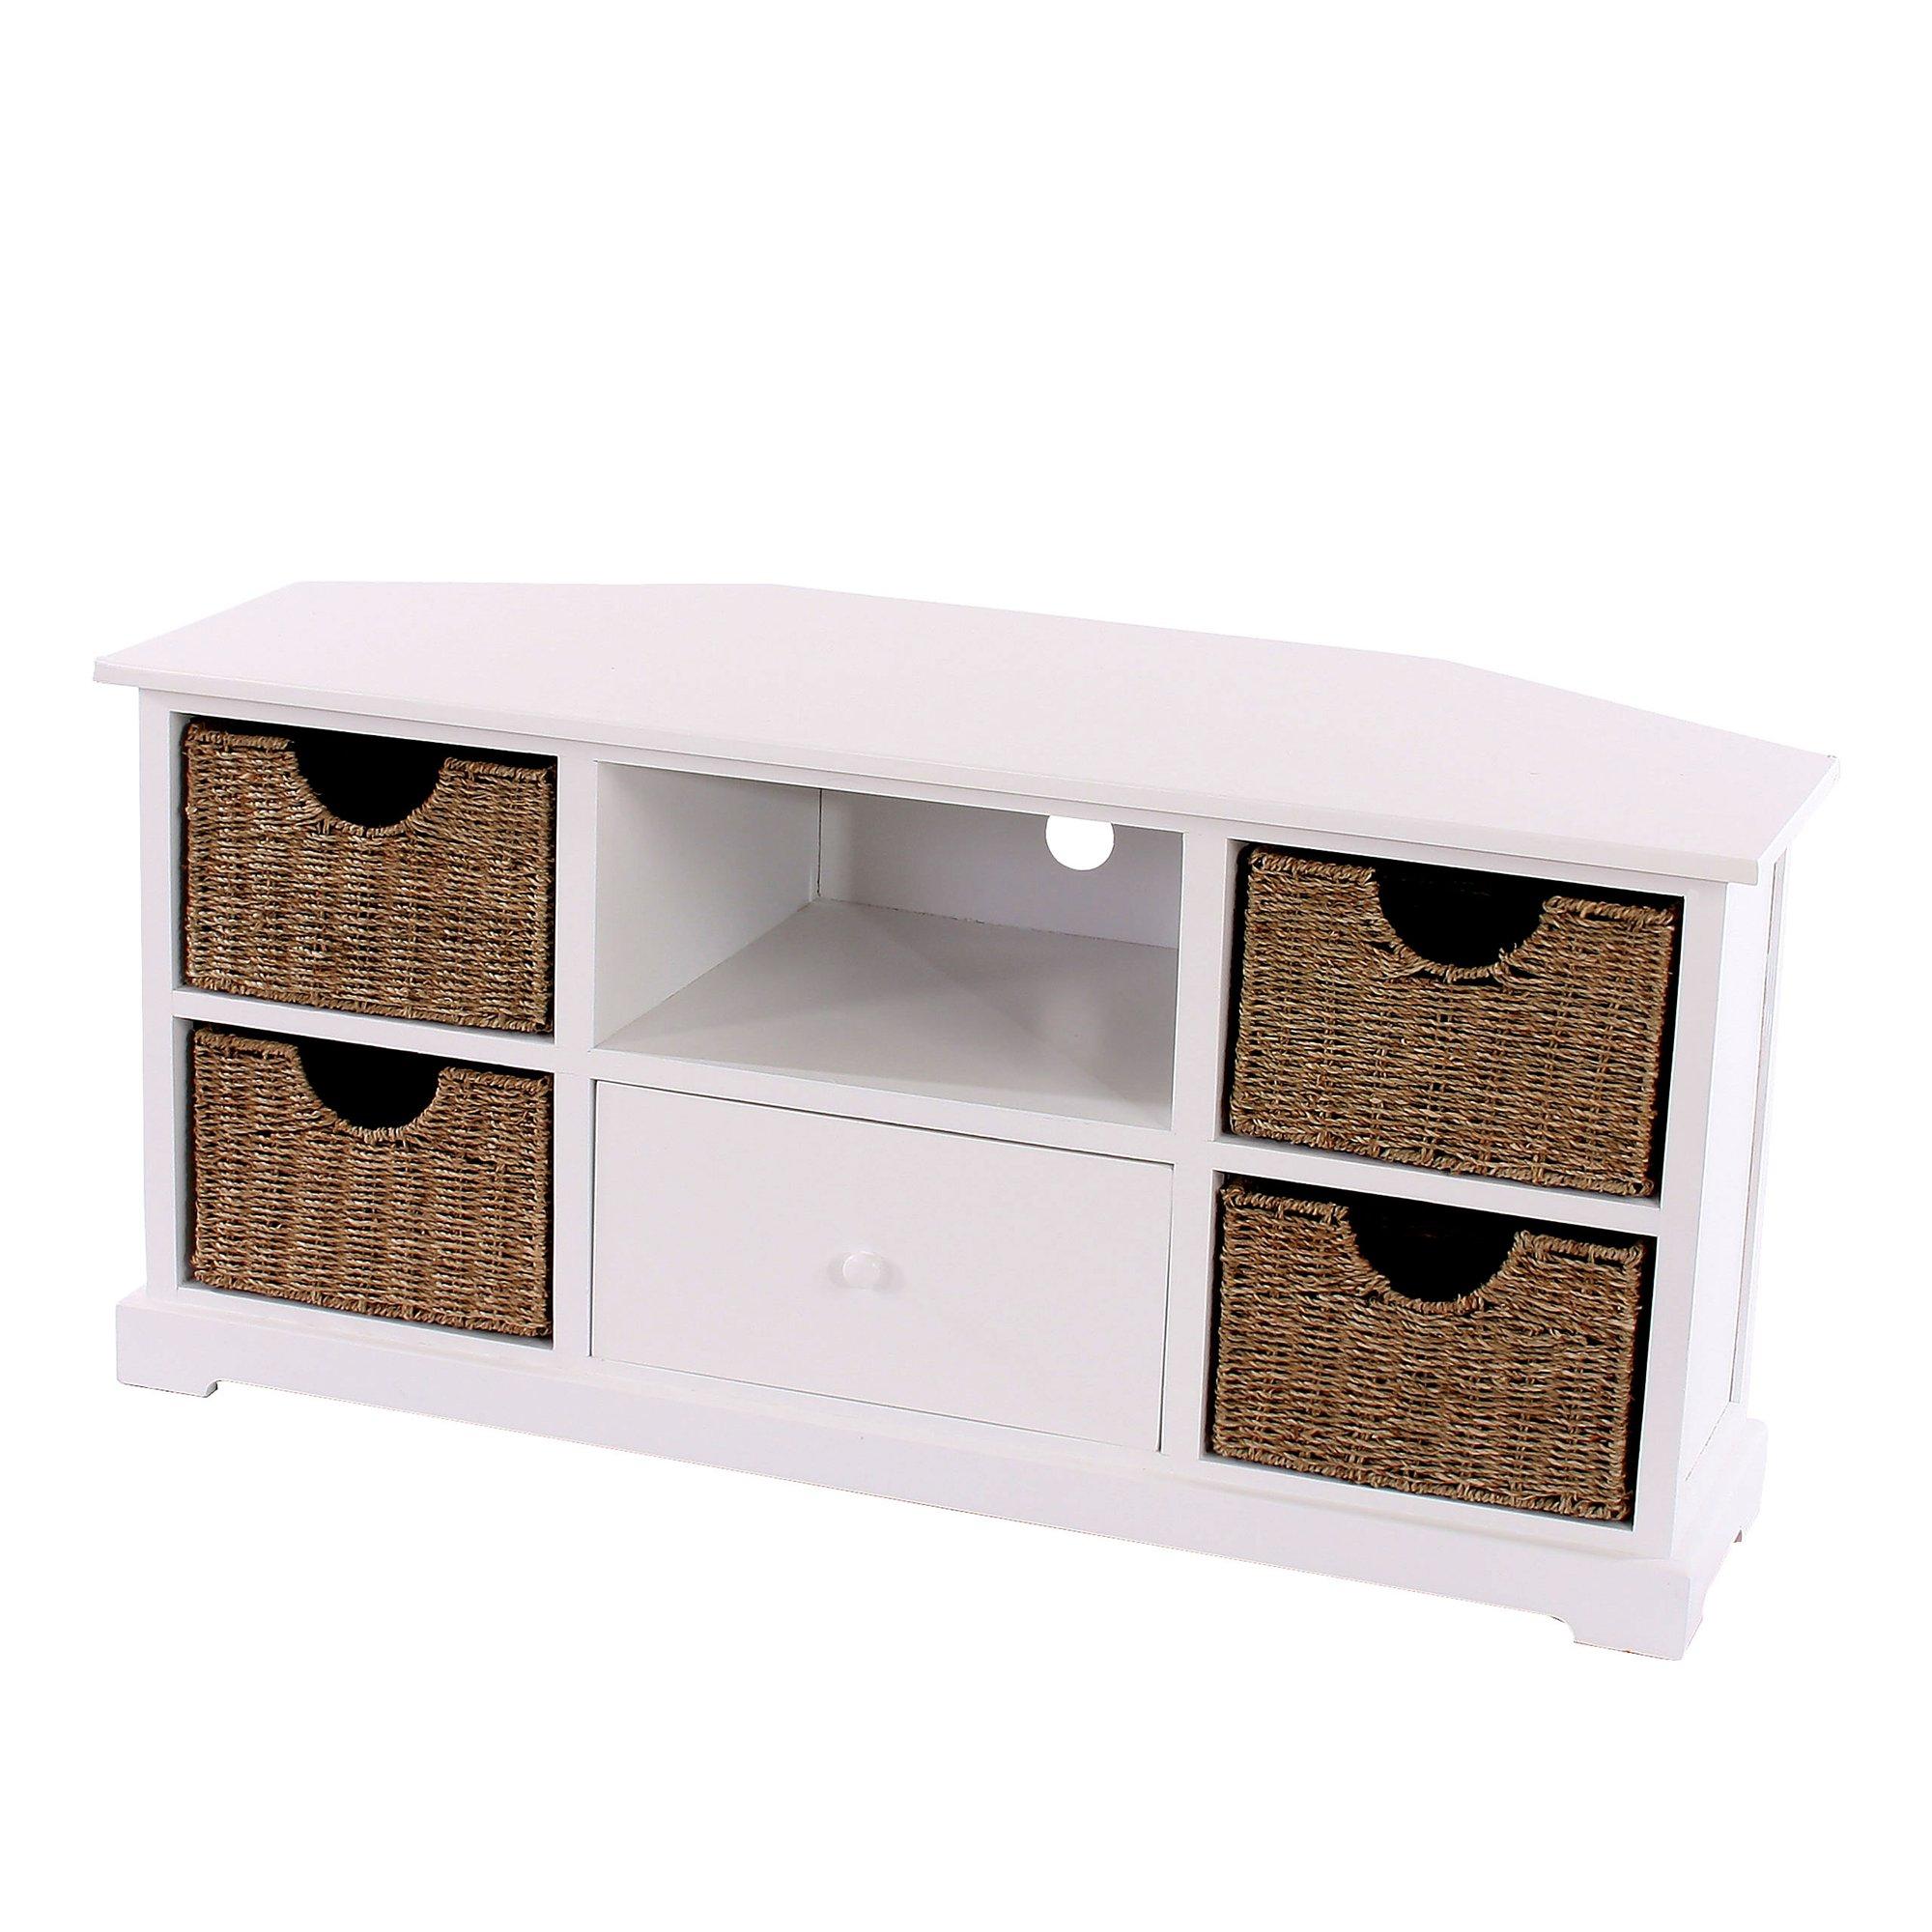 Mesa de tv con estanter as tv y cajones de mimbre 110x45x51 cm blanca - Mesas de mimbre ...